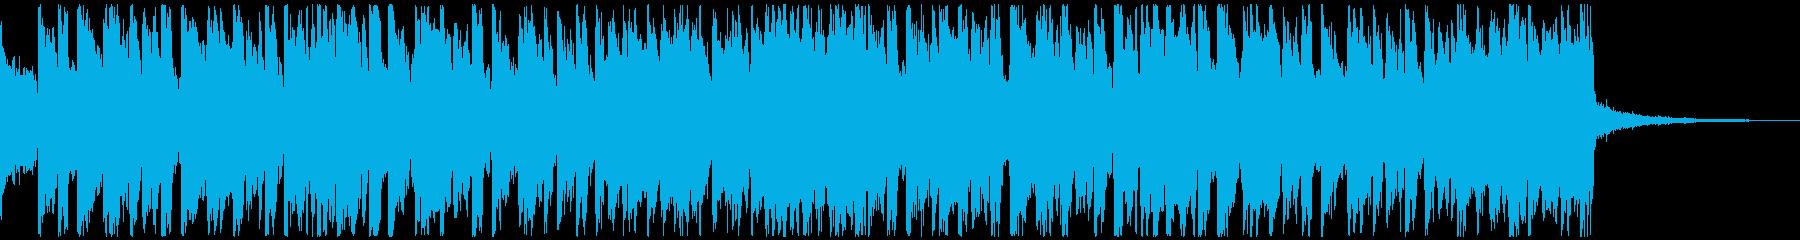 サッカー・スポーツに/情熱的BGM30秒の再生済みの波形